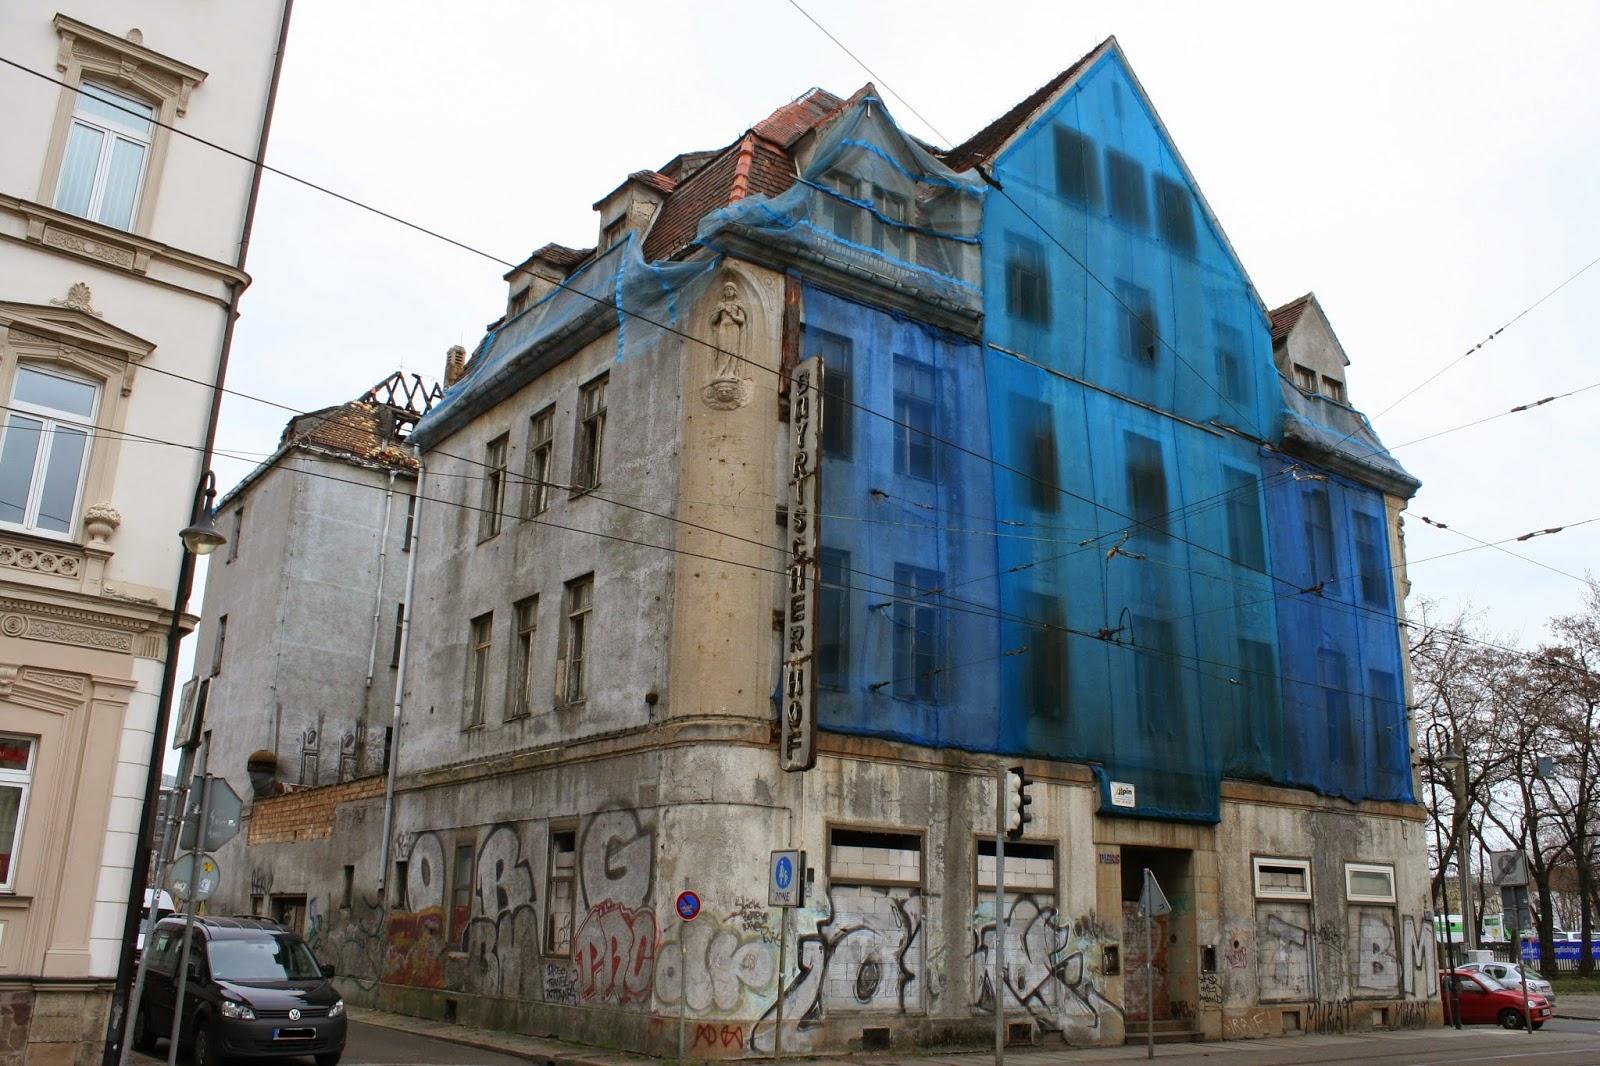 Bis zum Ende der DDR war im 1888 erbauten Gebäude das Hotel beheimatet - seitdem verfällt es zusehends